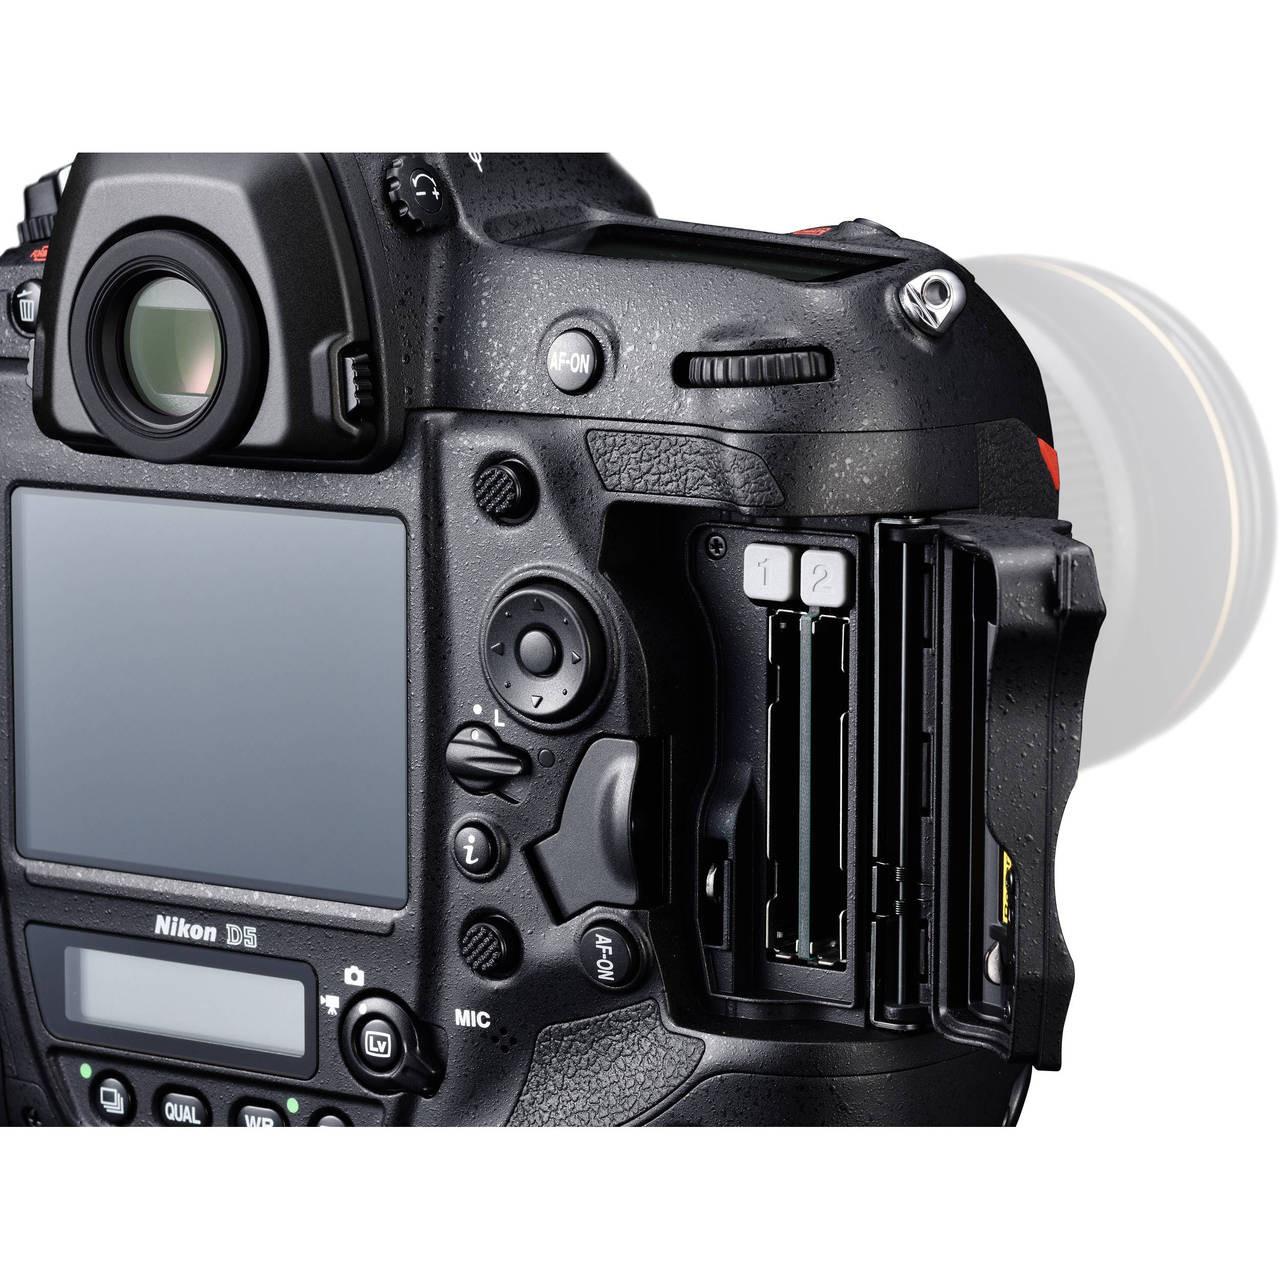 Nikon D5 Body with Dual CF Slots Open Slot Door